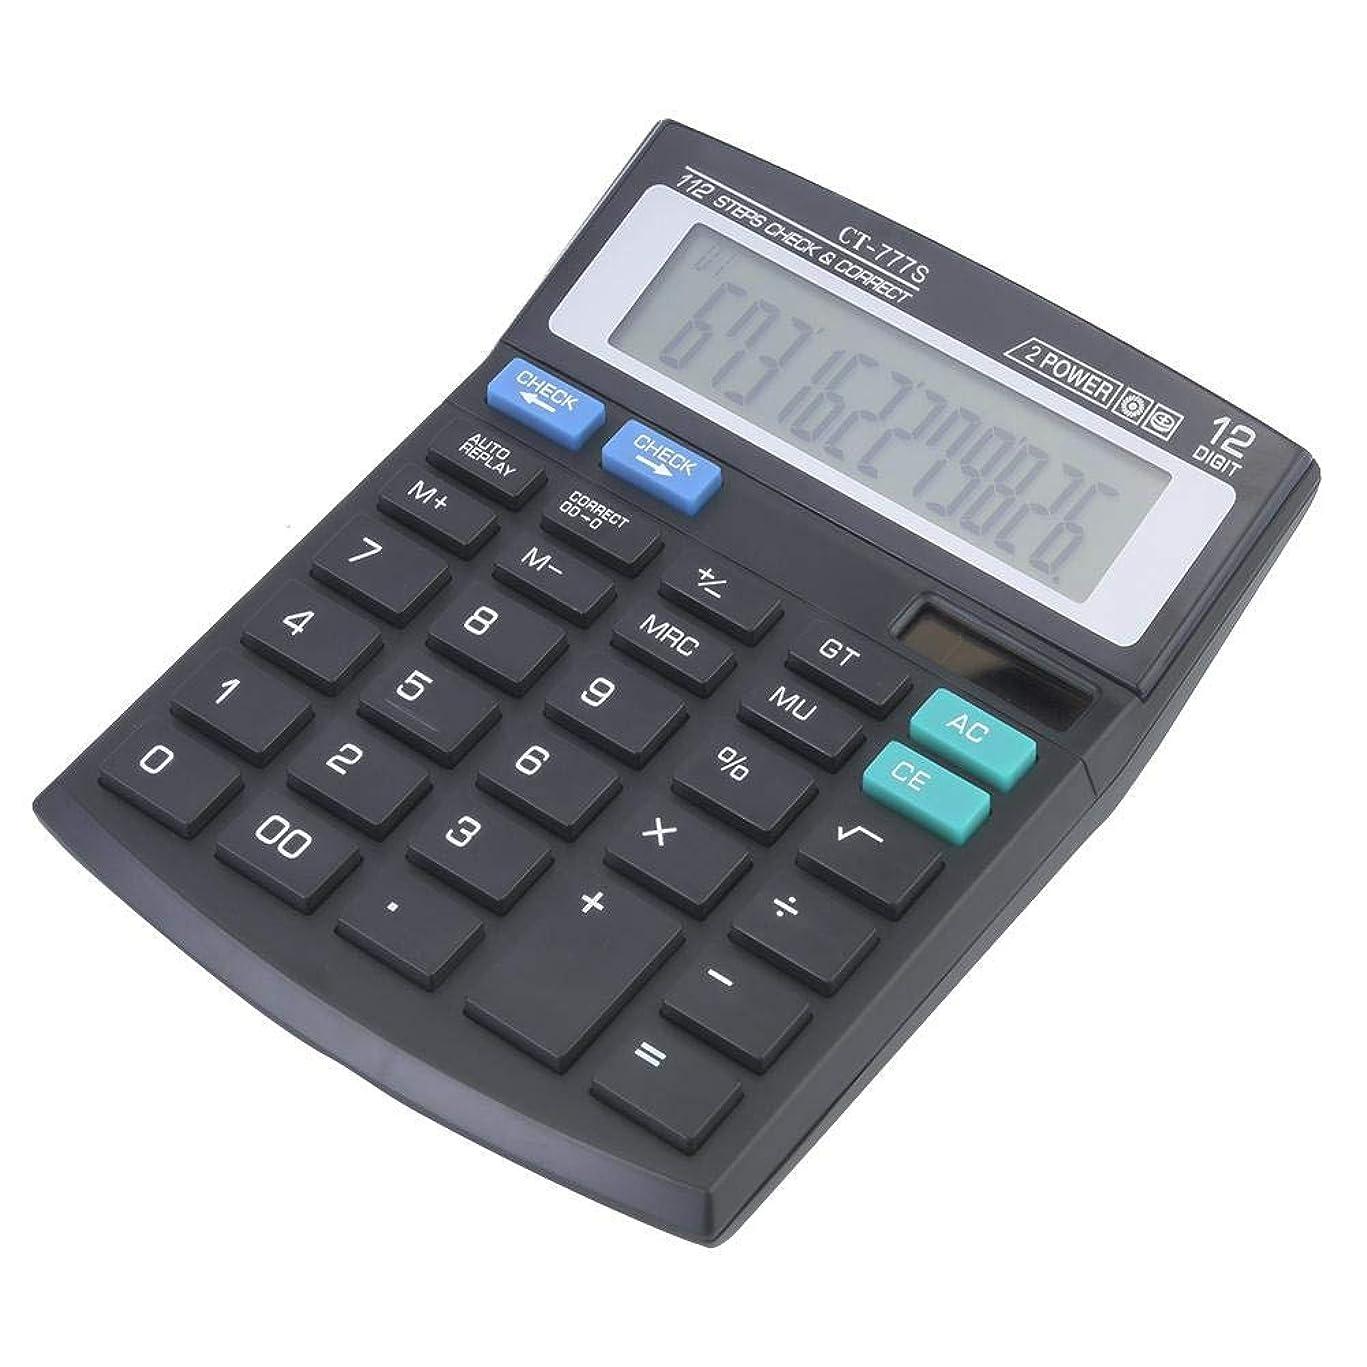 調べるおばさん状手持ち計算機 12桁 大画面計算機 LCD電卓 デュアルパワー オフィスデスクトップ電卓